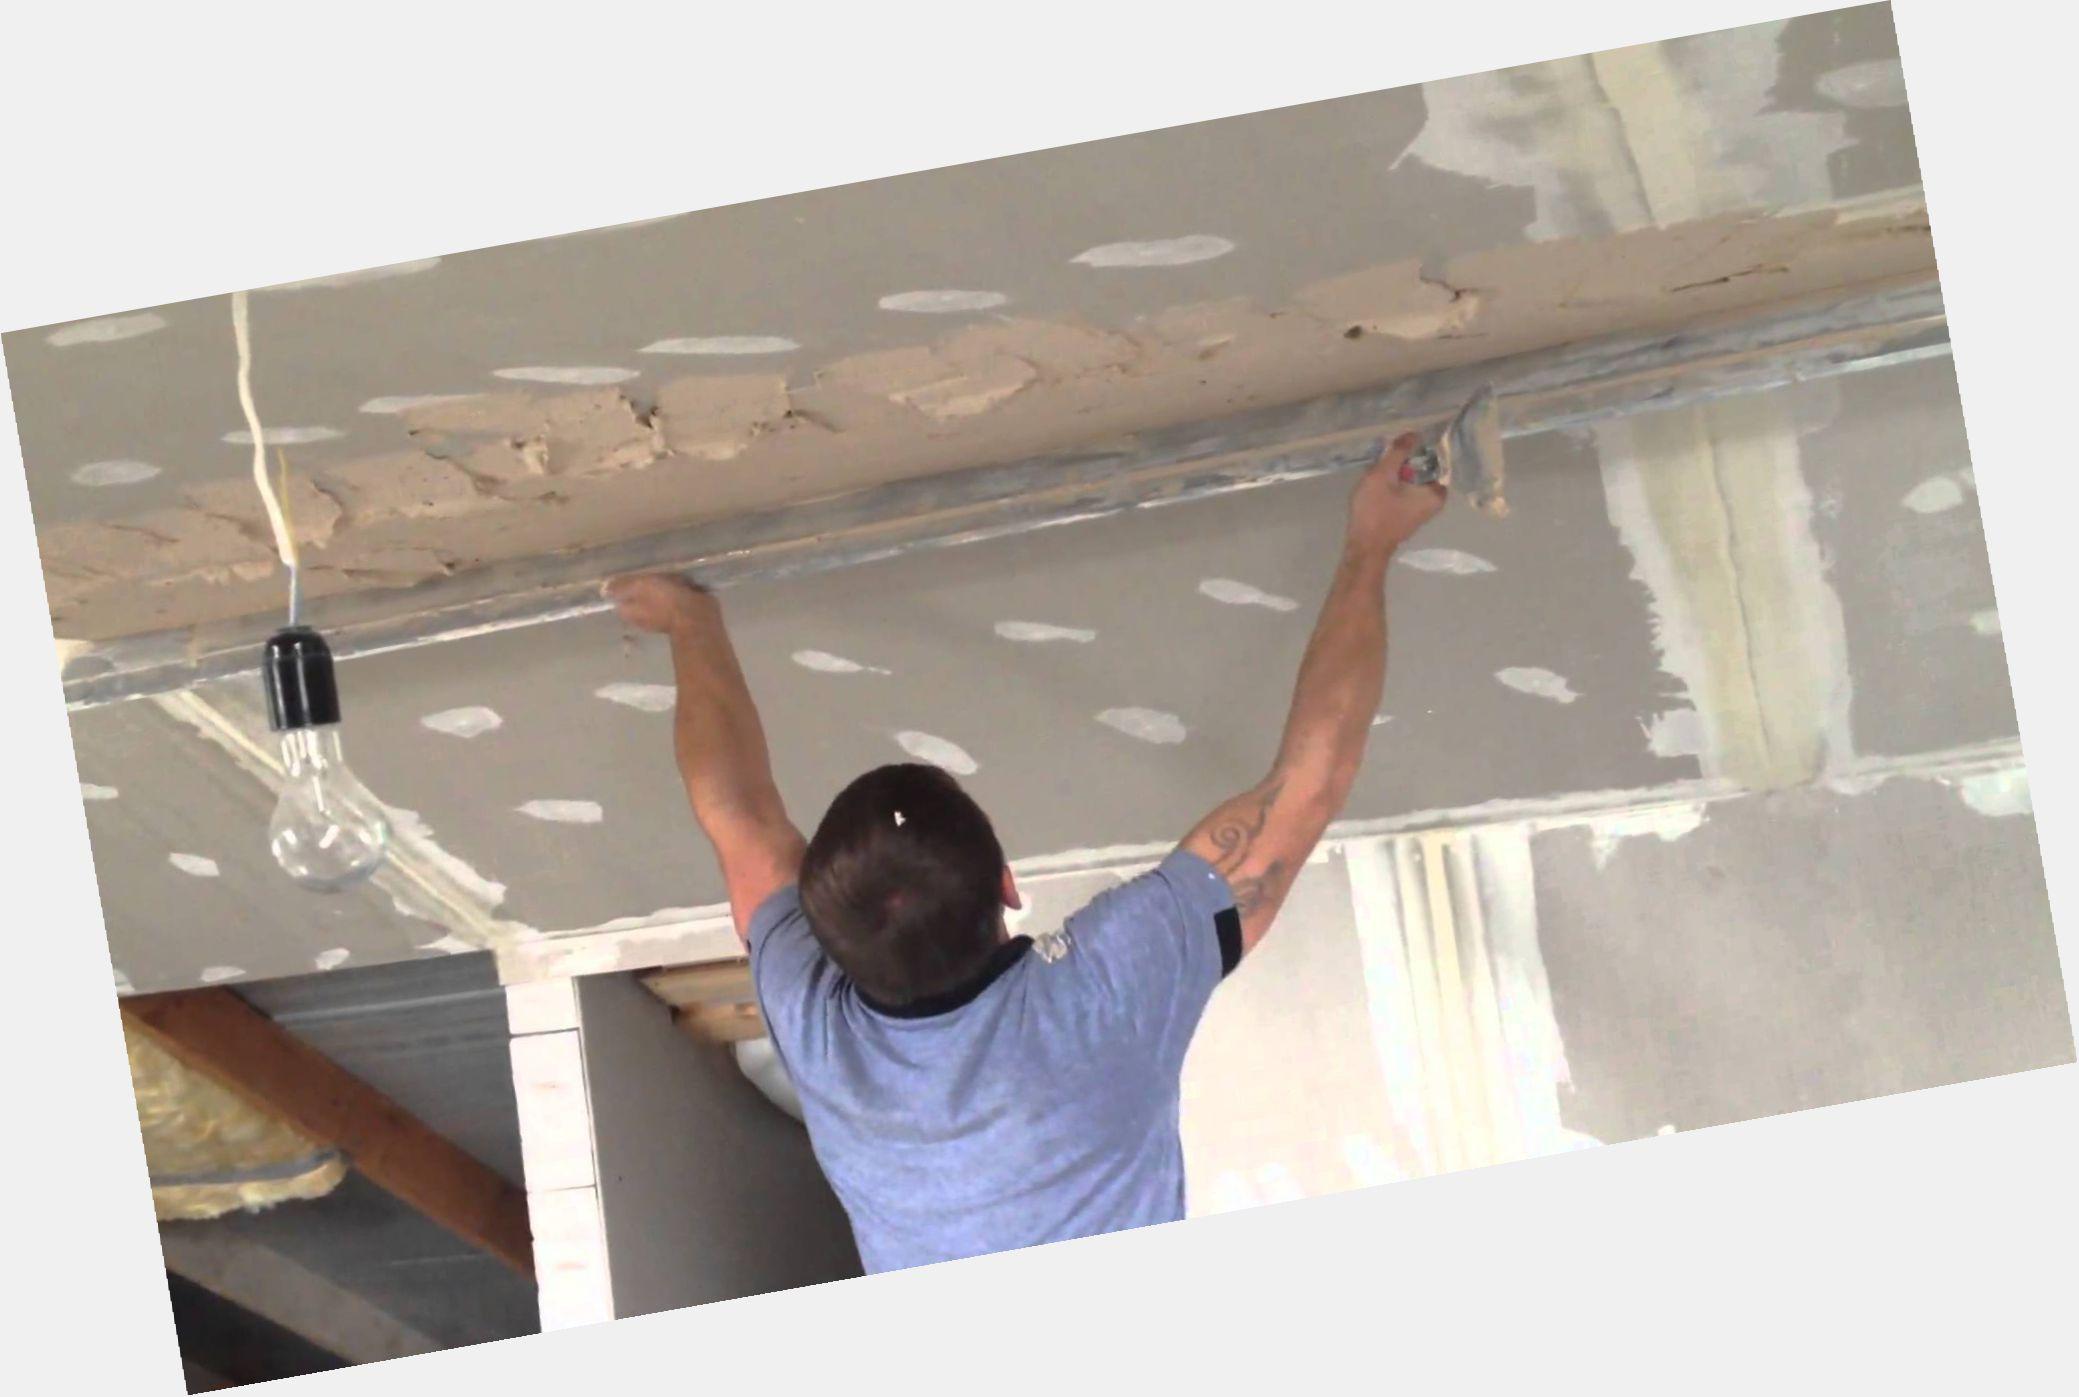 Штукатурить потолки своими руками